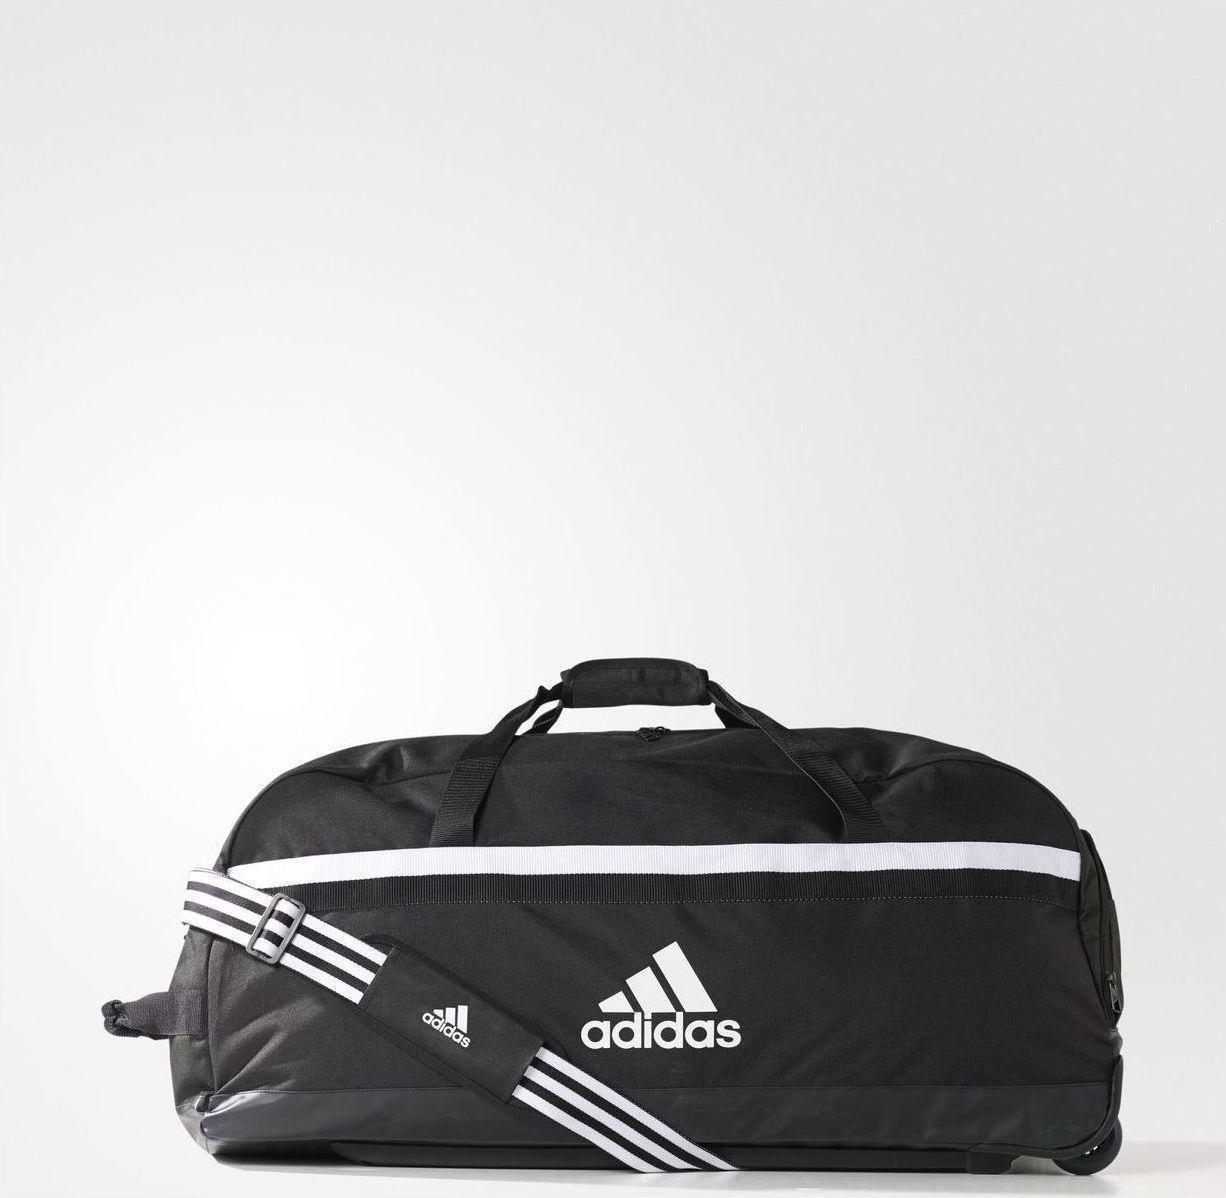 f7cc7749c116 Спортивная сумка большая adidas Сумка Adidas Tiro XL S13305, цена 2 280  грн., купить в Харькове — Prom.ua (ID#639110770)